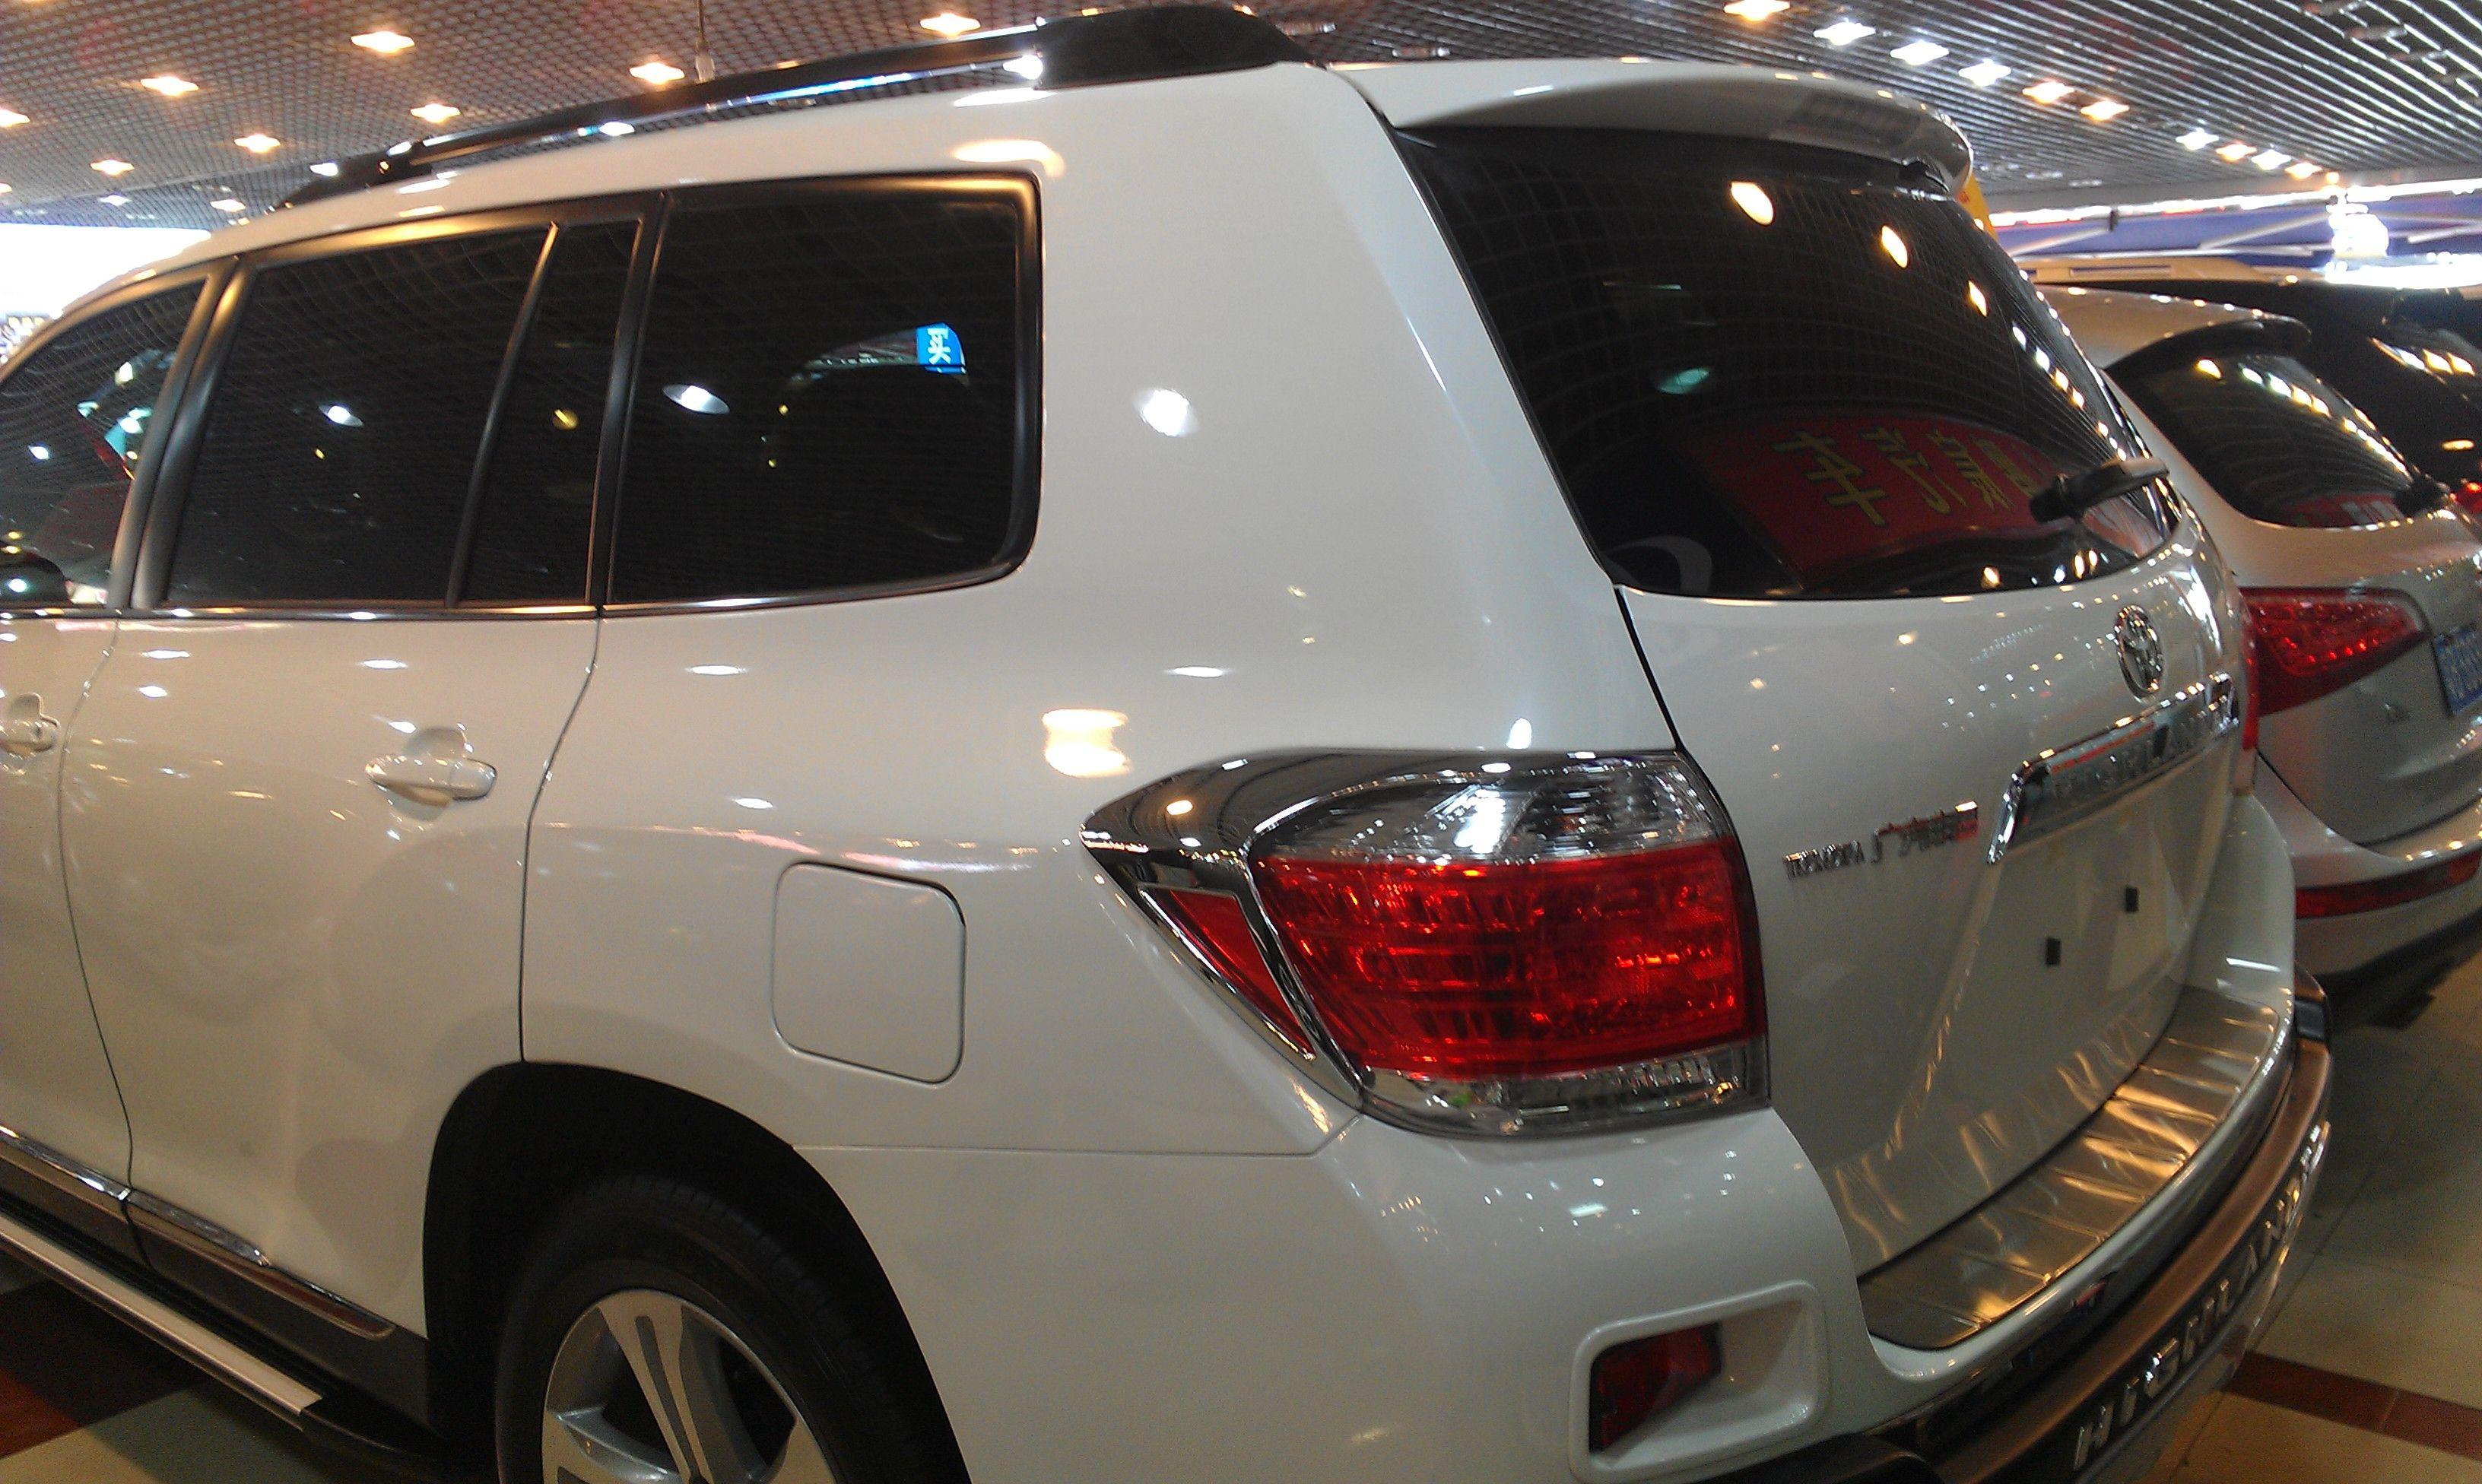 广东二手汉兰达报价多少钱,2013年 广东 汉兰达二手车价格– -二手车图片